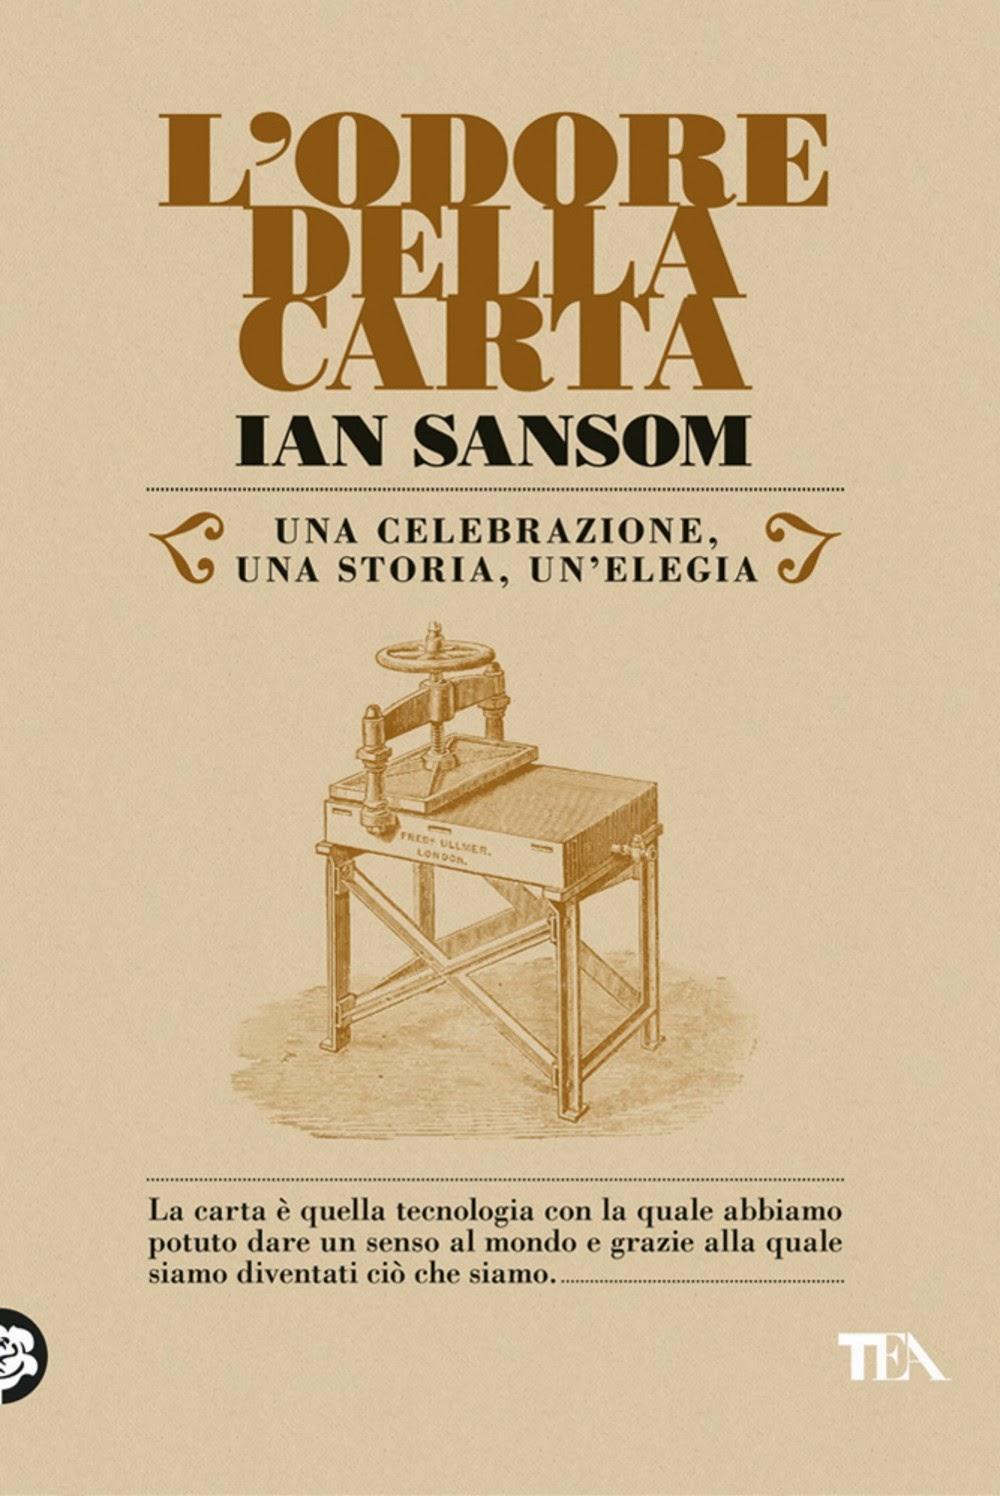 L_odore_della_carta_cover